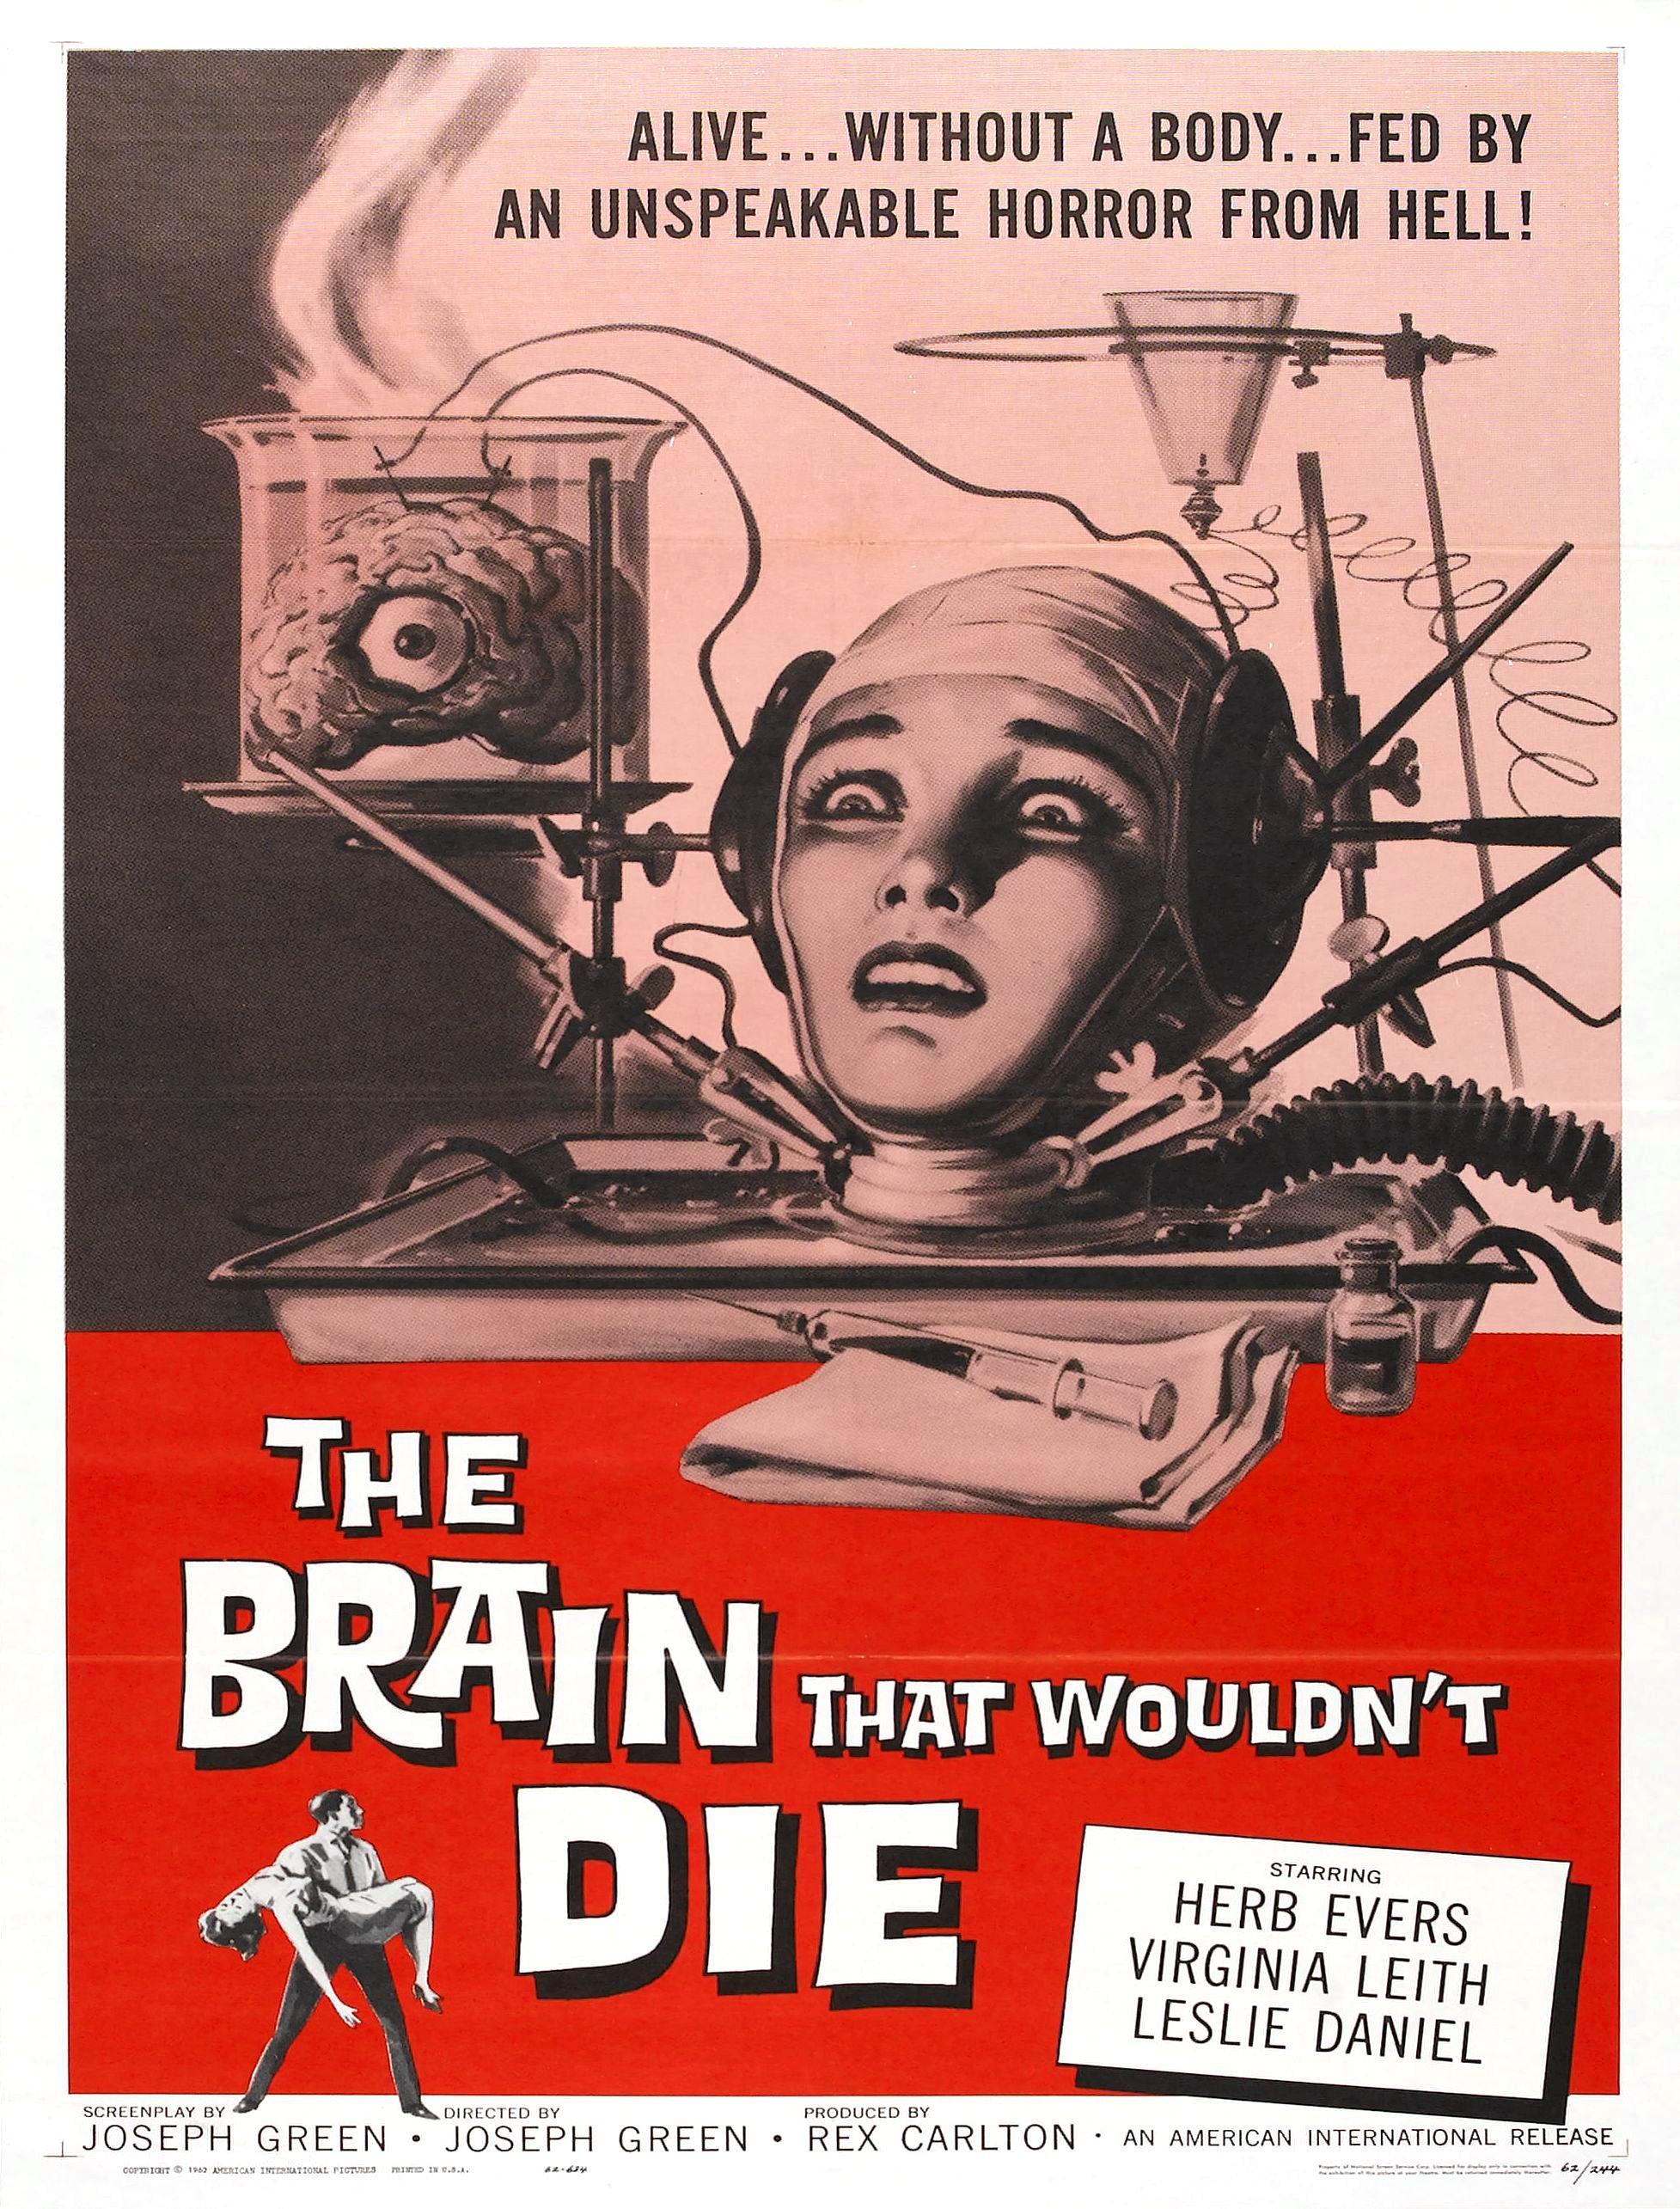 Brainthatwouldntdie_film_poster.jpg